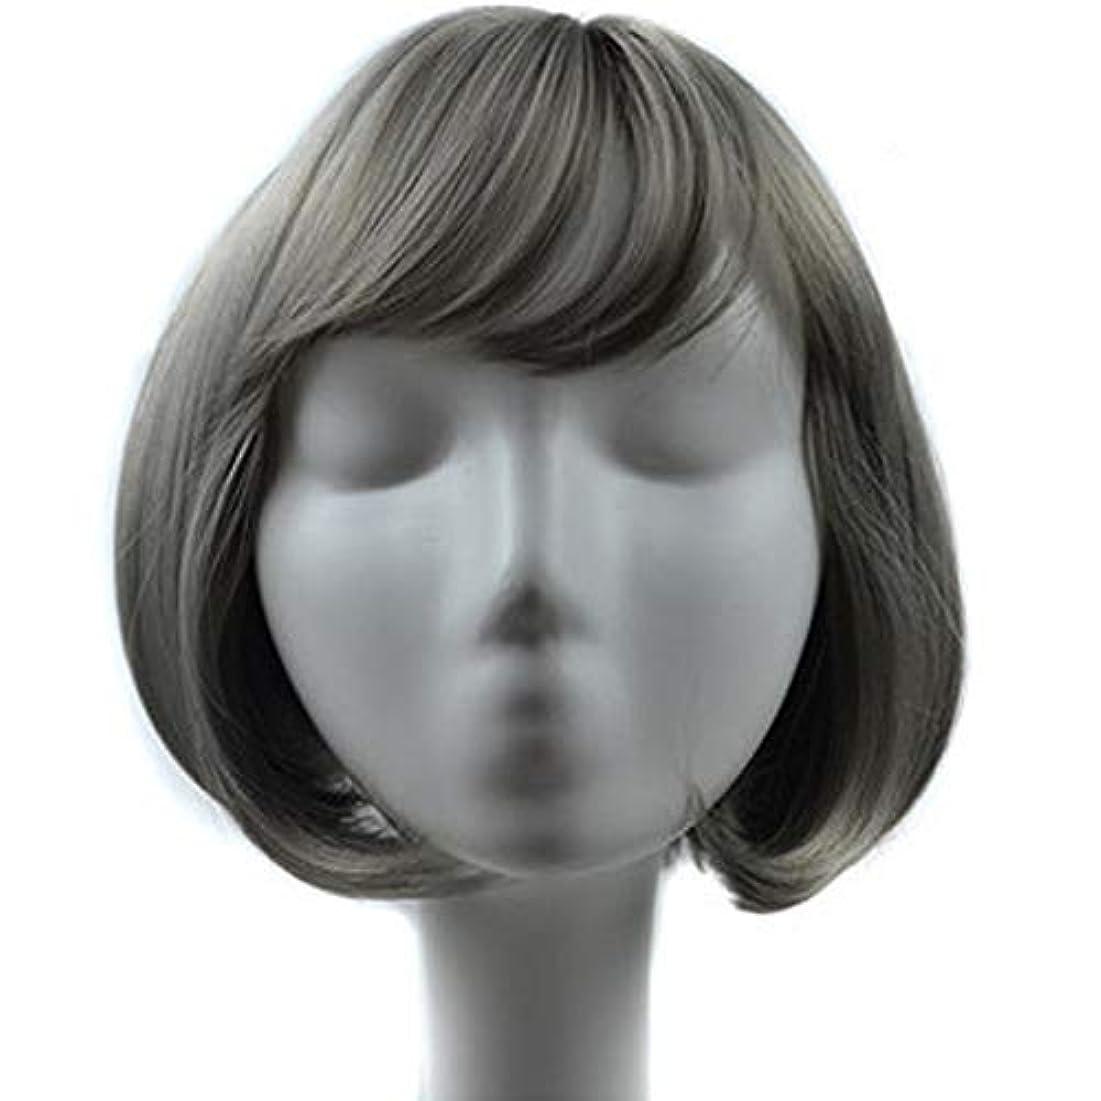 恨み正当化するコーヒーLazayyii女子 かつら エアバン 天然のリアル ヘア前髪エアバンボボヘッドナシウィッグ (グレー)